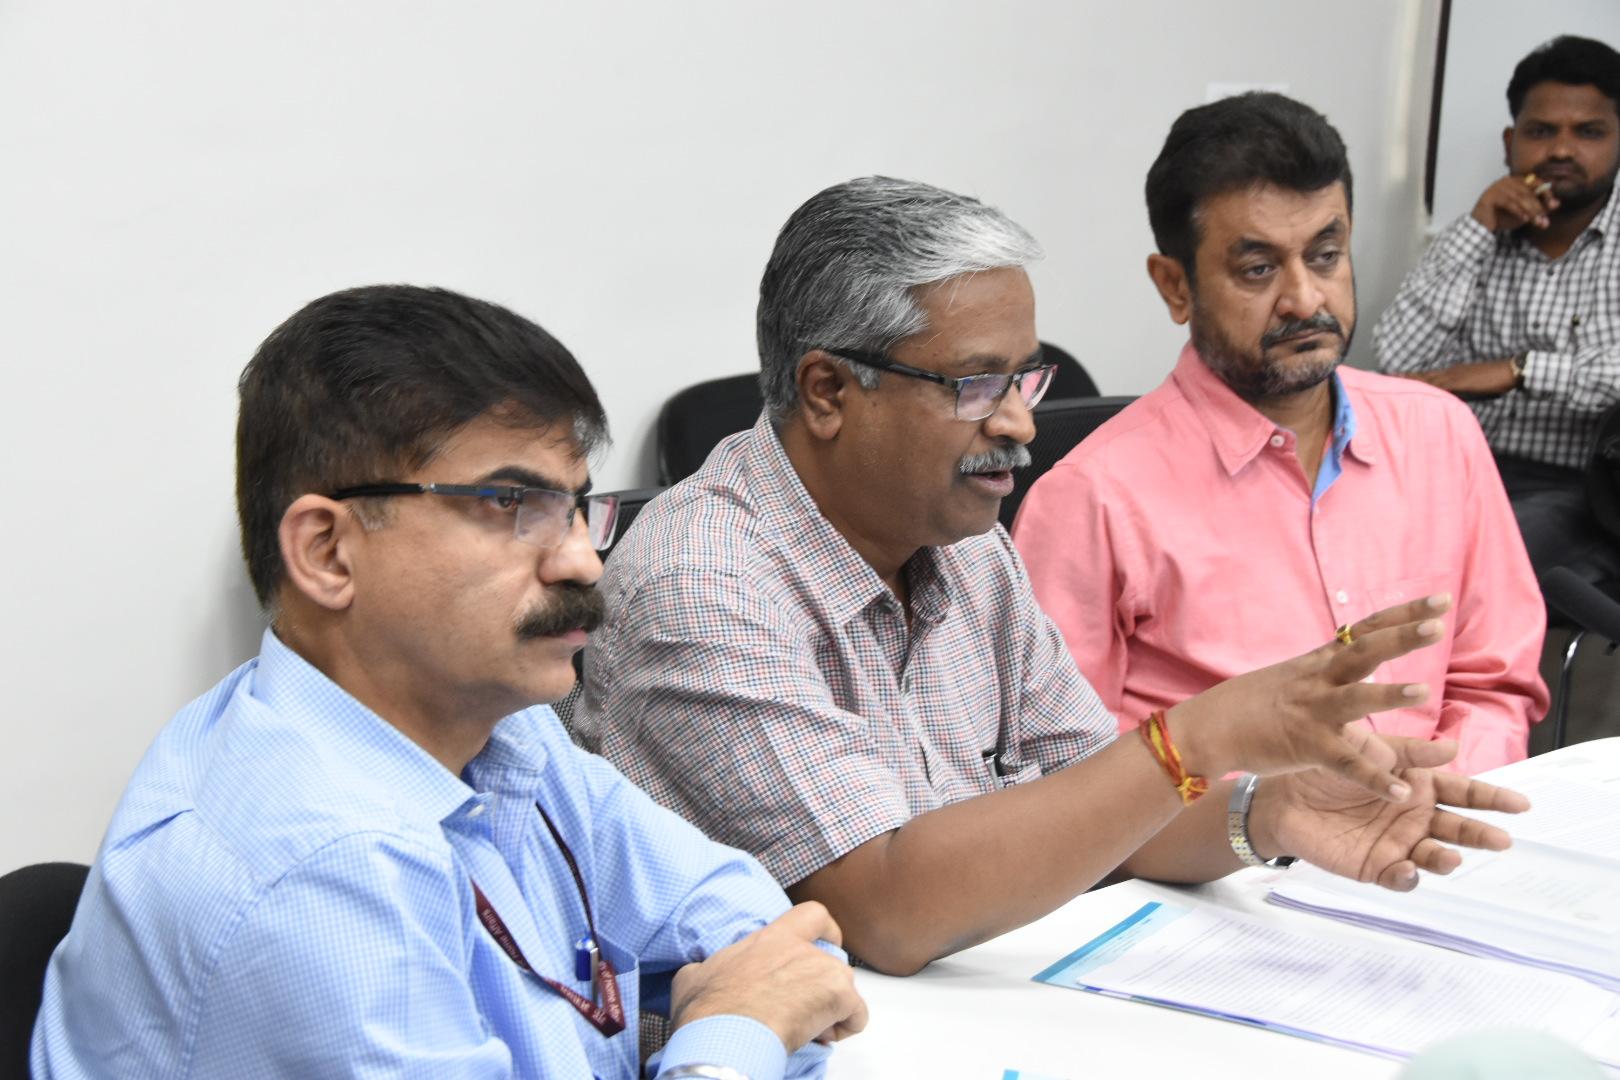 पुण्यात 6 ते 8 नोव्हेंबरला आंतरराष्ट्रीय शाश्वत पाणी व्यवस्थापन परिषदेचे आयोजन